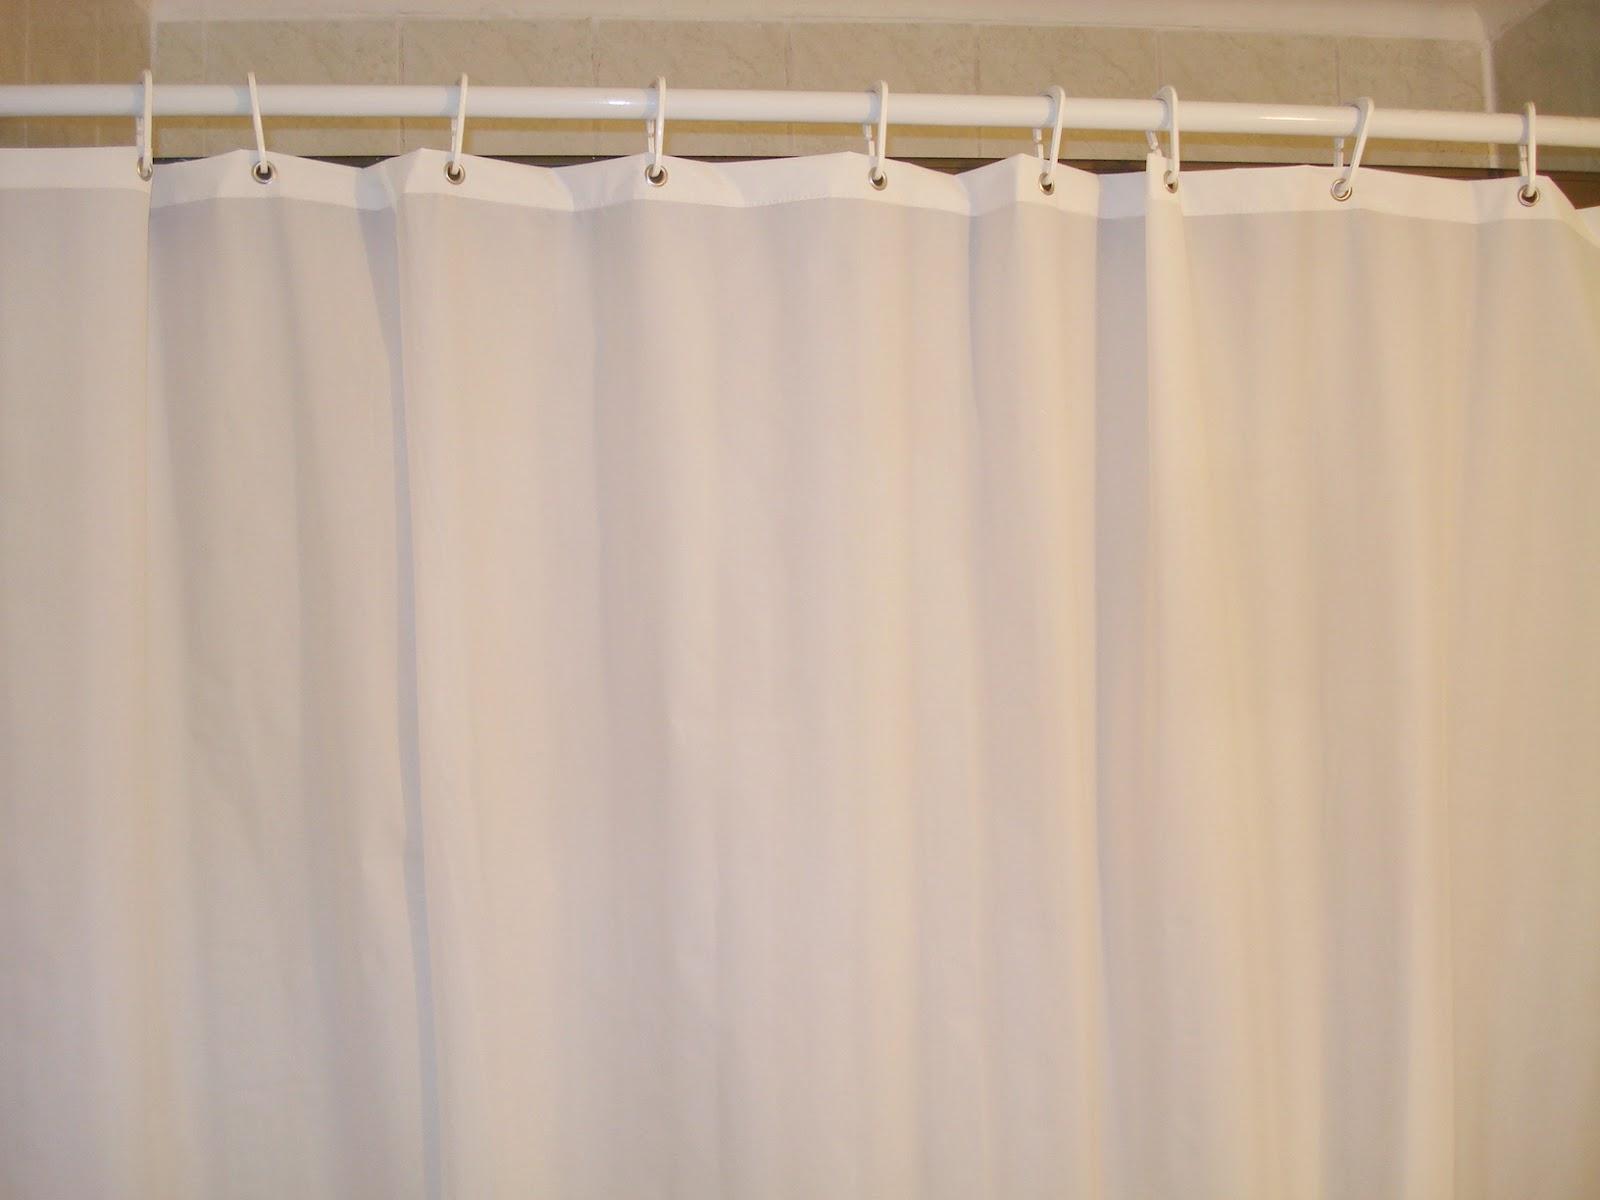 Rva dise os cortinas y set de ba o ganchos para for Ganchos para bano